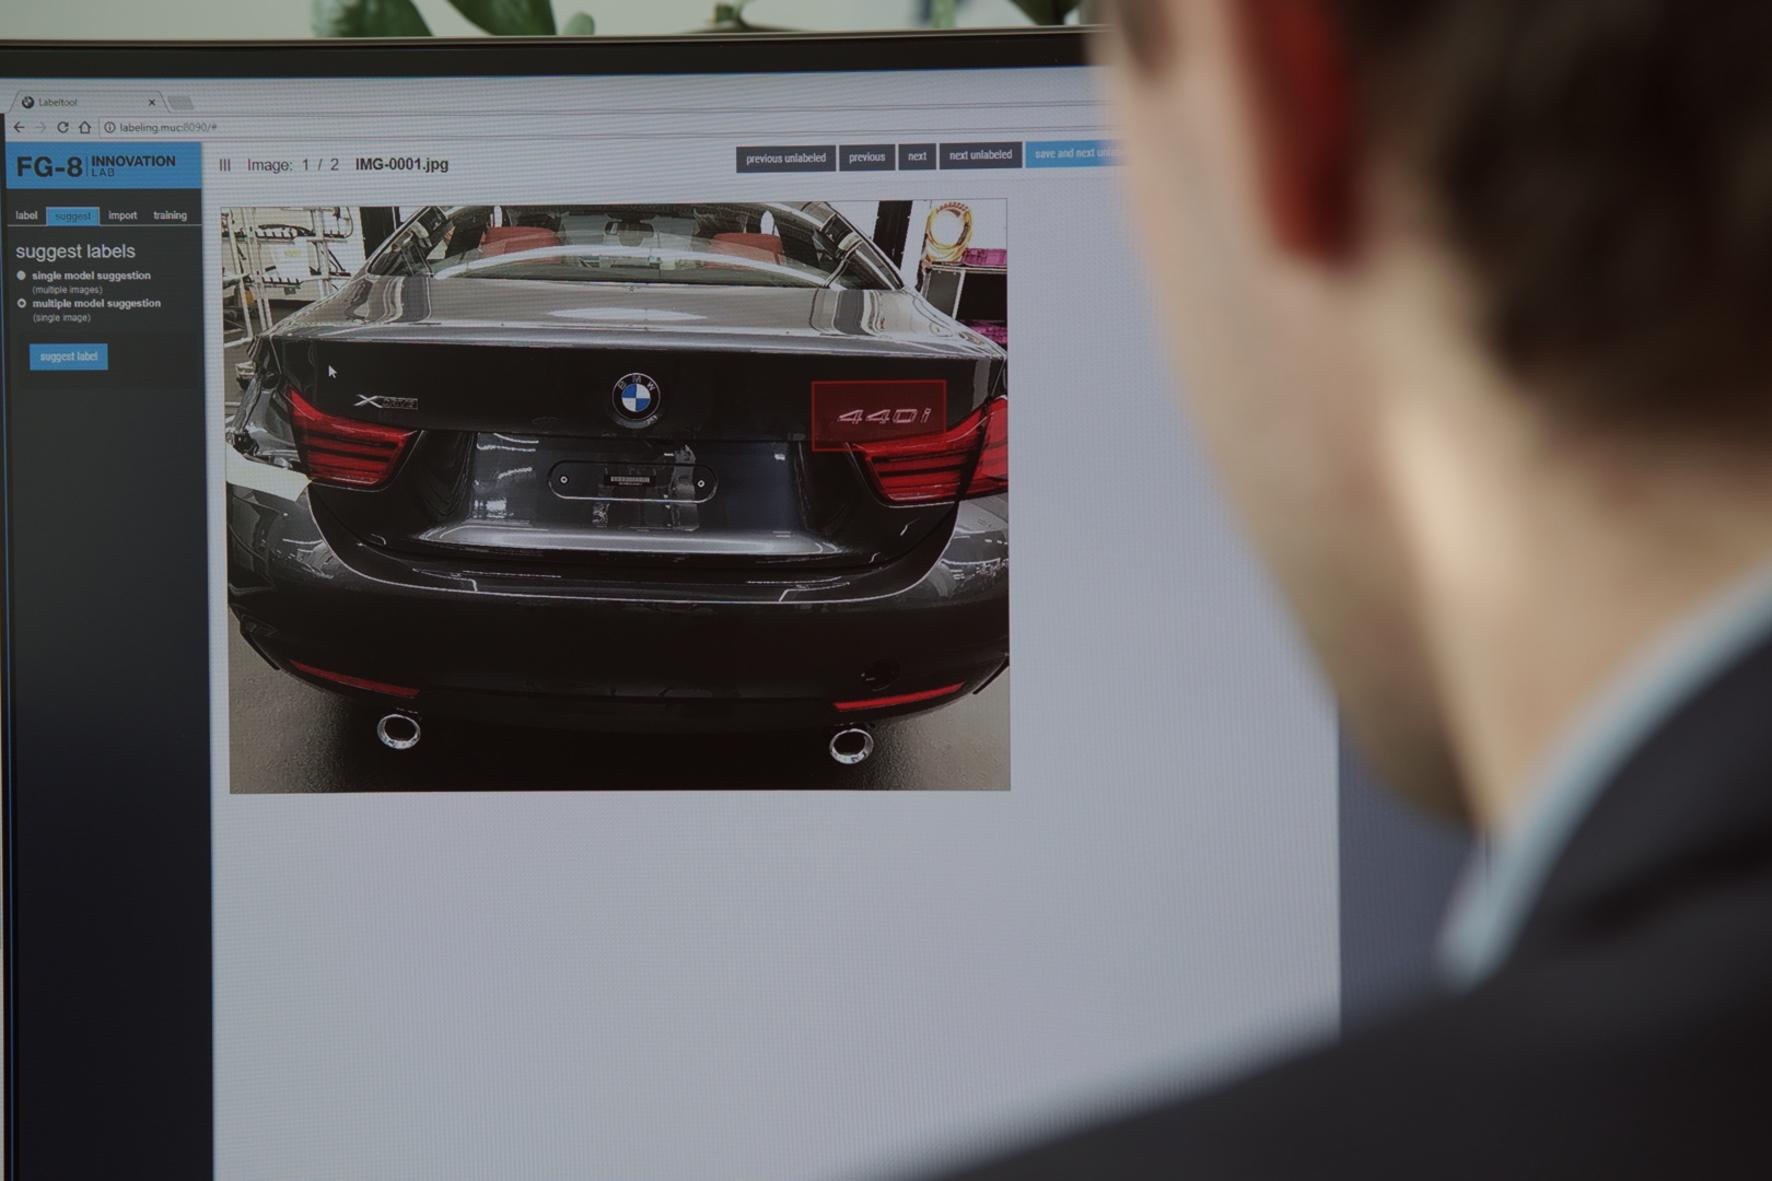 mid Groß-Gerau - Fahrzeugherstellung voll auf dem Schirm: Künstliche Intelligenz ermöglicht die digitale Steuerung der Serienproduktion. BMW